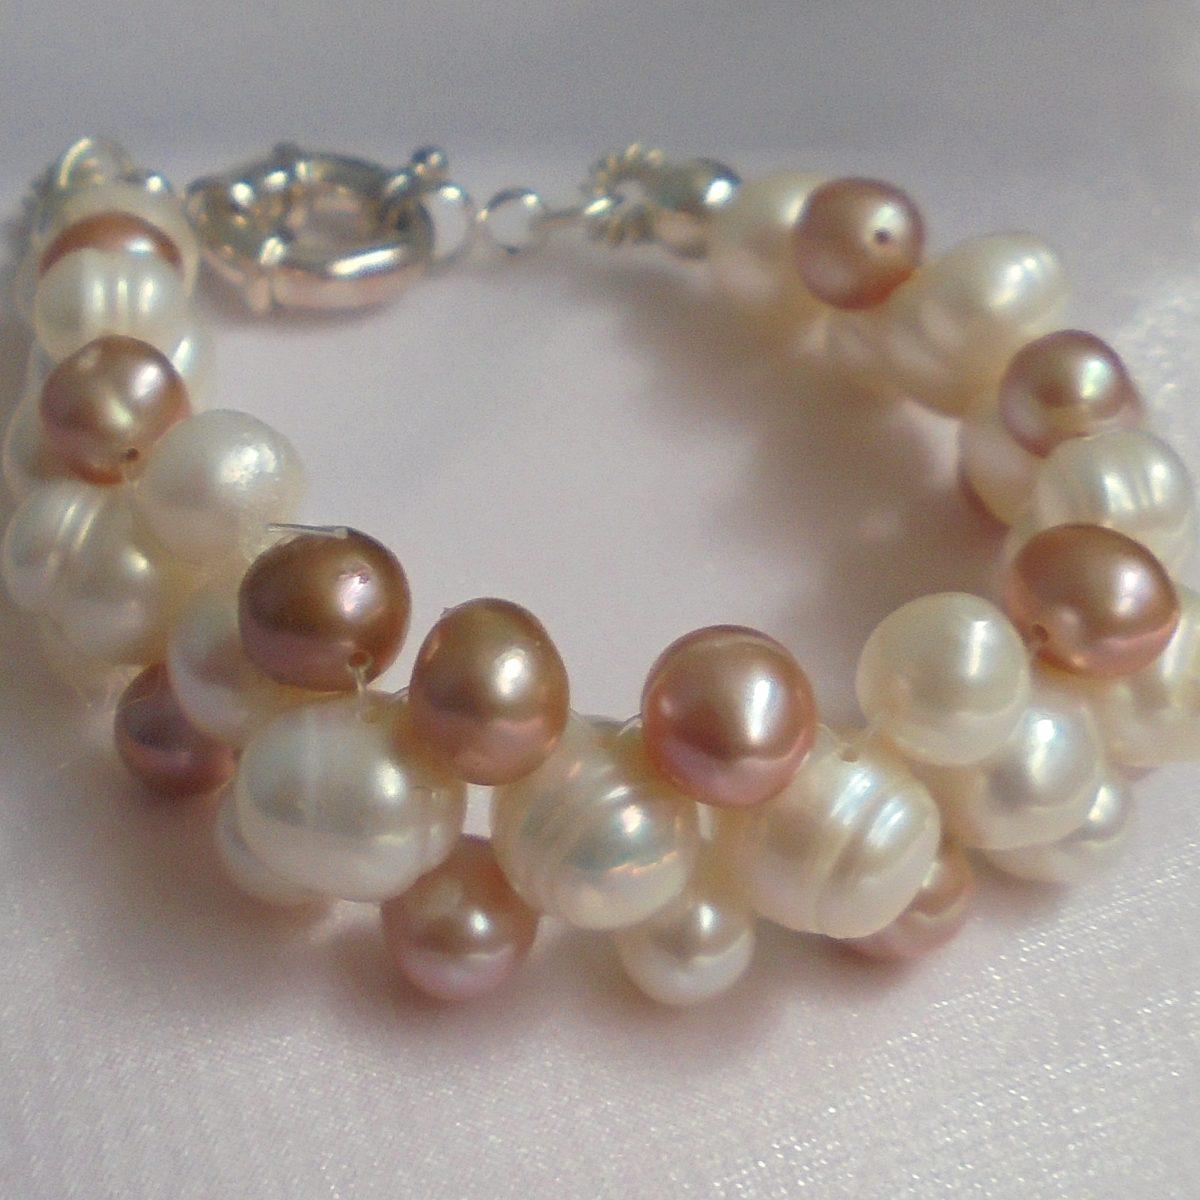 1b34aca6b5a1 pulsera perlas naturales cultivadas 2 colores y plata. Cargando zoom.